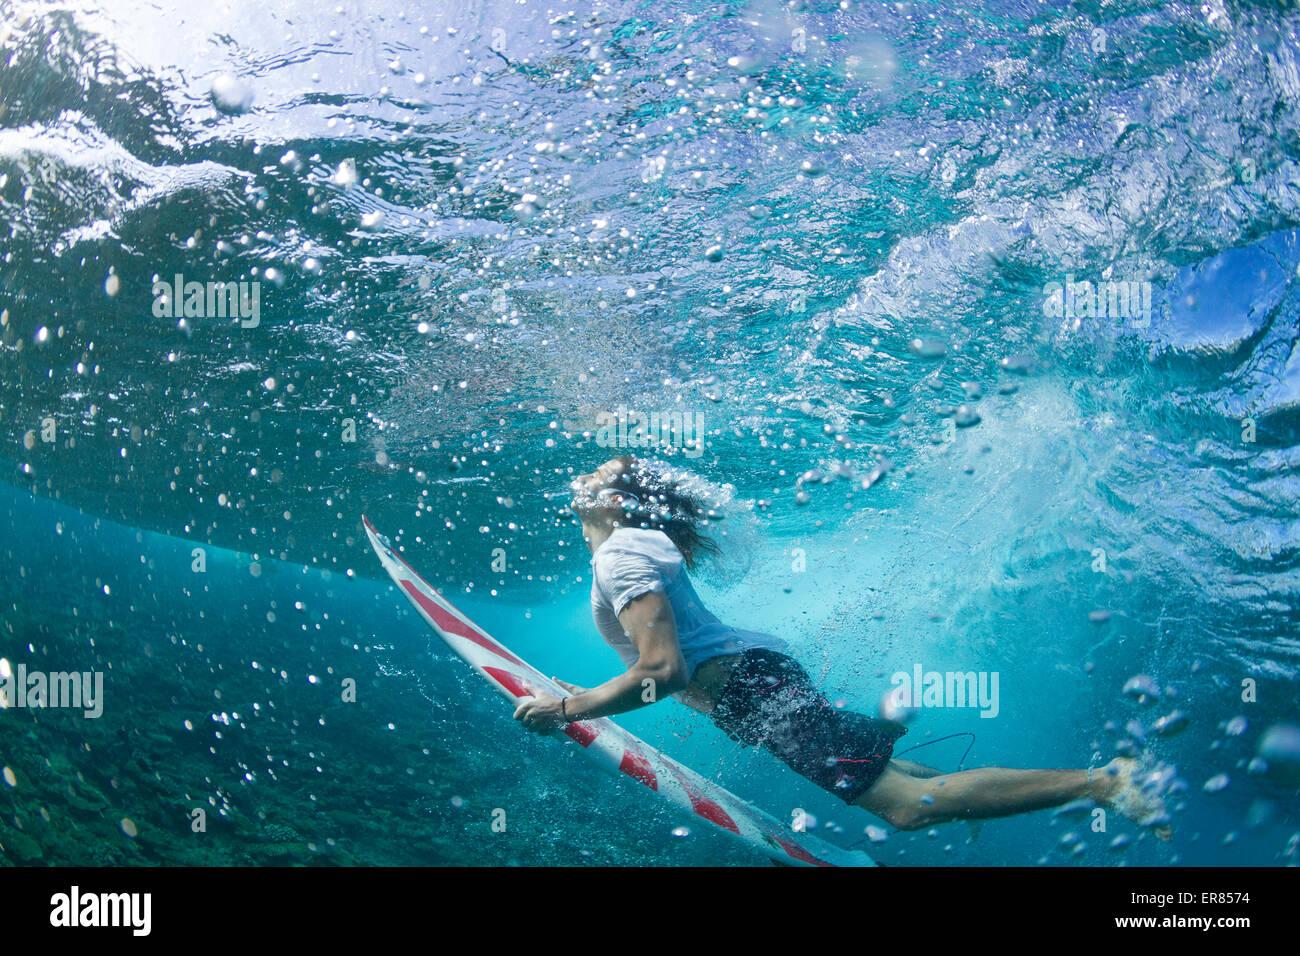 Vue sous-marine d'un surfer plongée canard sous une vague Photo Stock